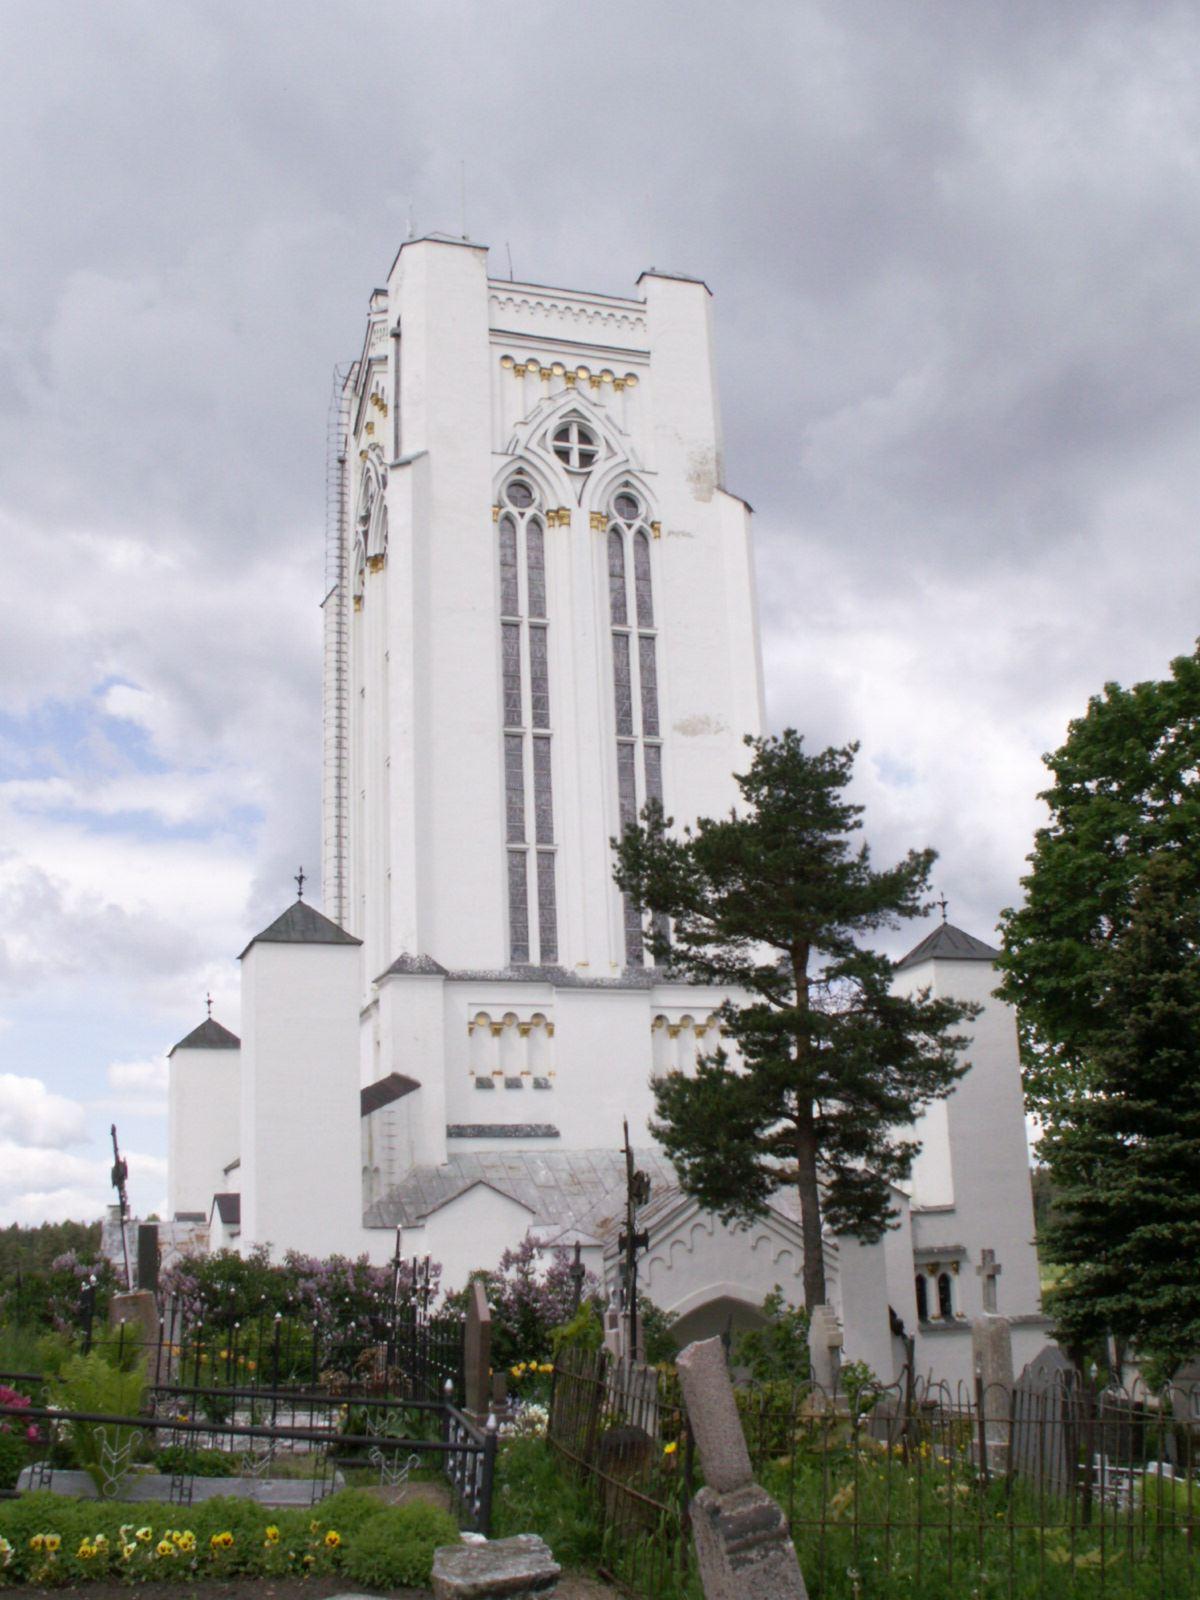 Kapellet Sveikata ligonių i Šiluva tegnet av Antoni Wiwulski (lit: Antanas Vivulskis) (1877-1919), polsk-litauisk arkitekt og billedhogger